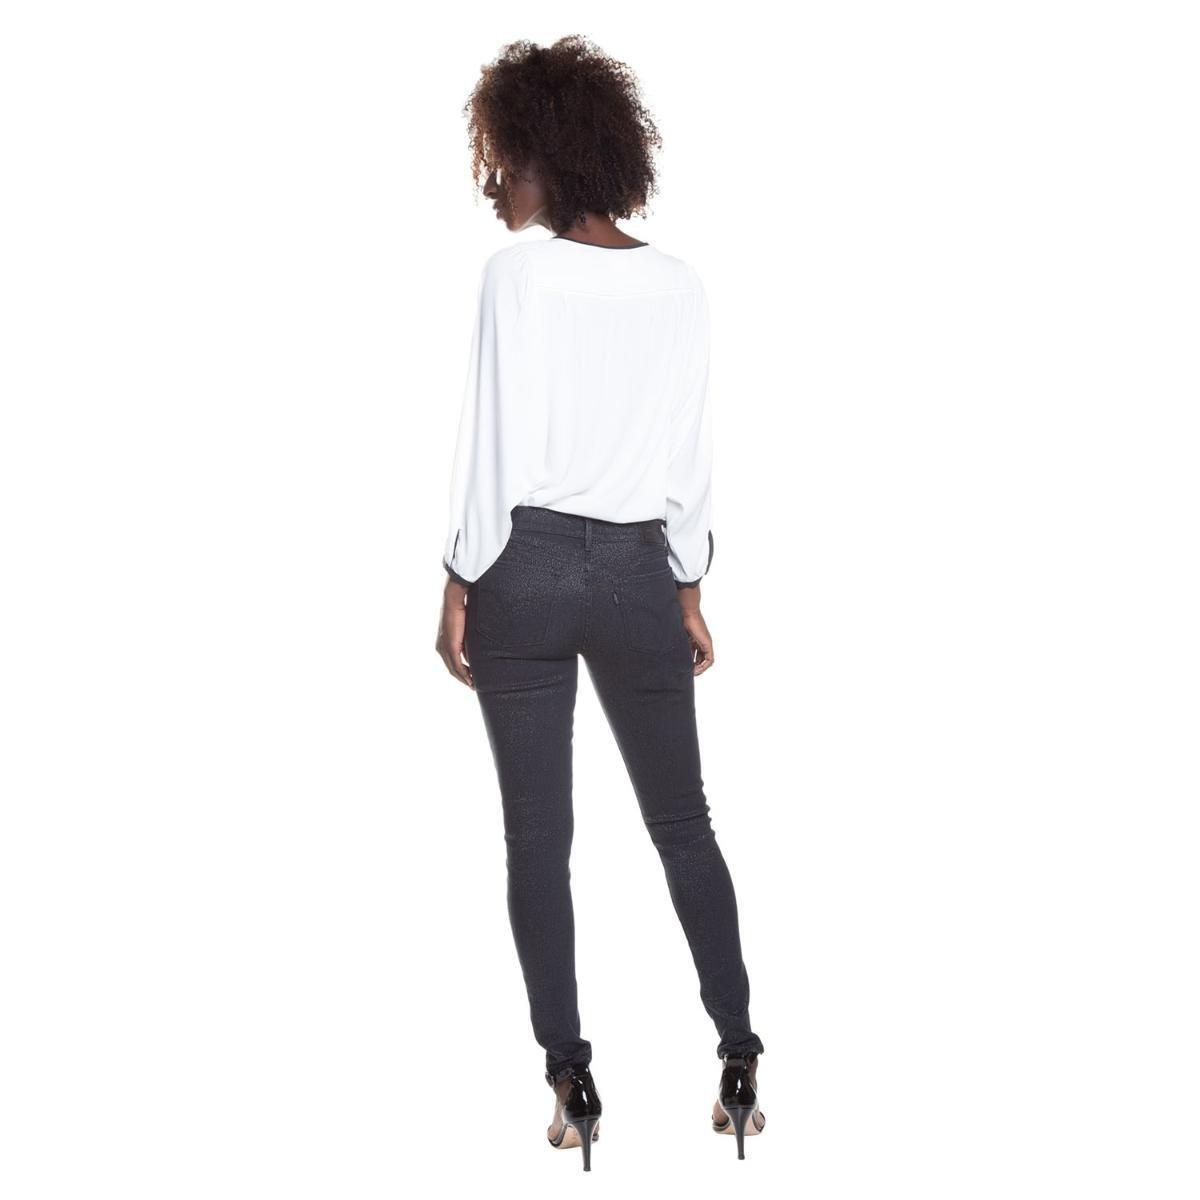 Calça Jeans 710 Super Skinny Levis - Compre Agora  1df77a440d4